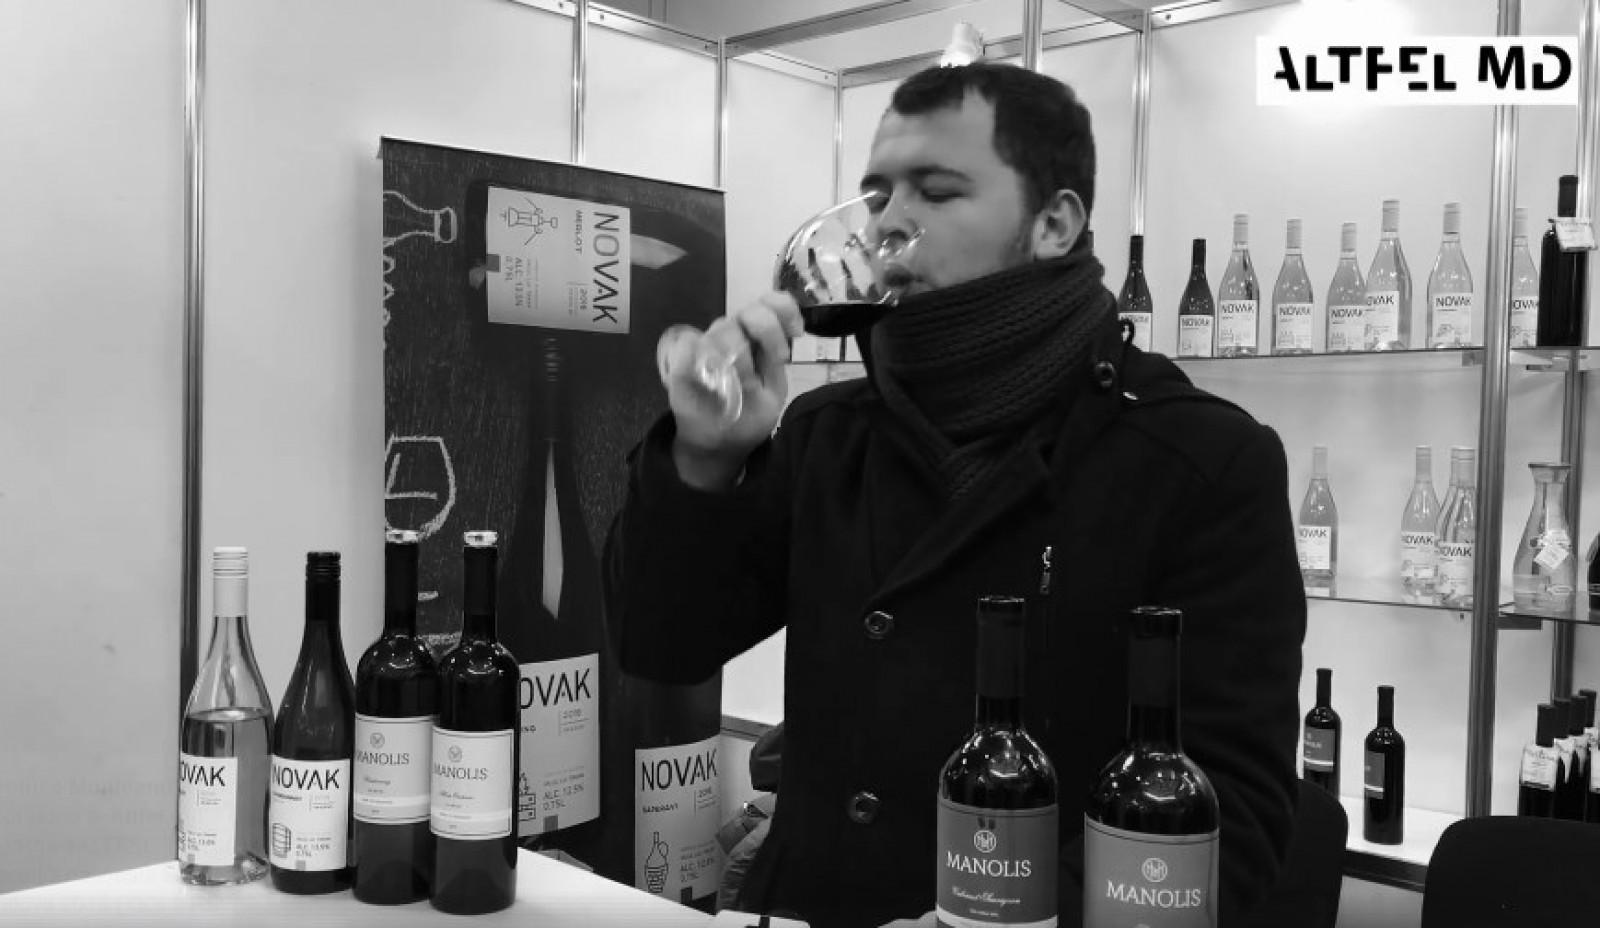 (video) Fromage de la Rezina, Chipsuri din mere și vin din toate colțurile țării. Ce puteți vedea la expoziția națională Fabricat în Moldova 2018